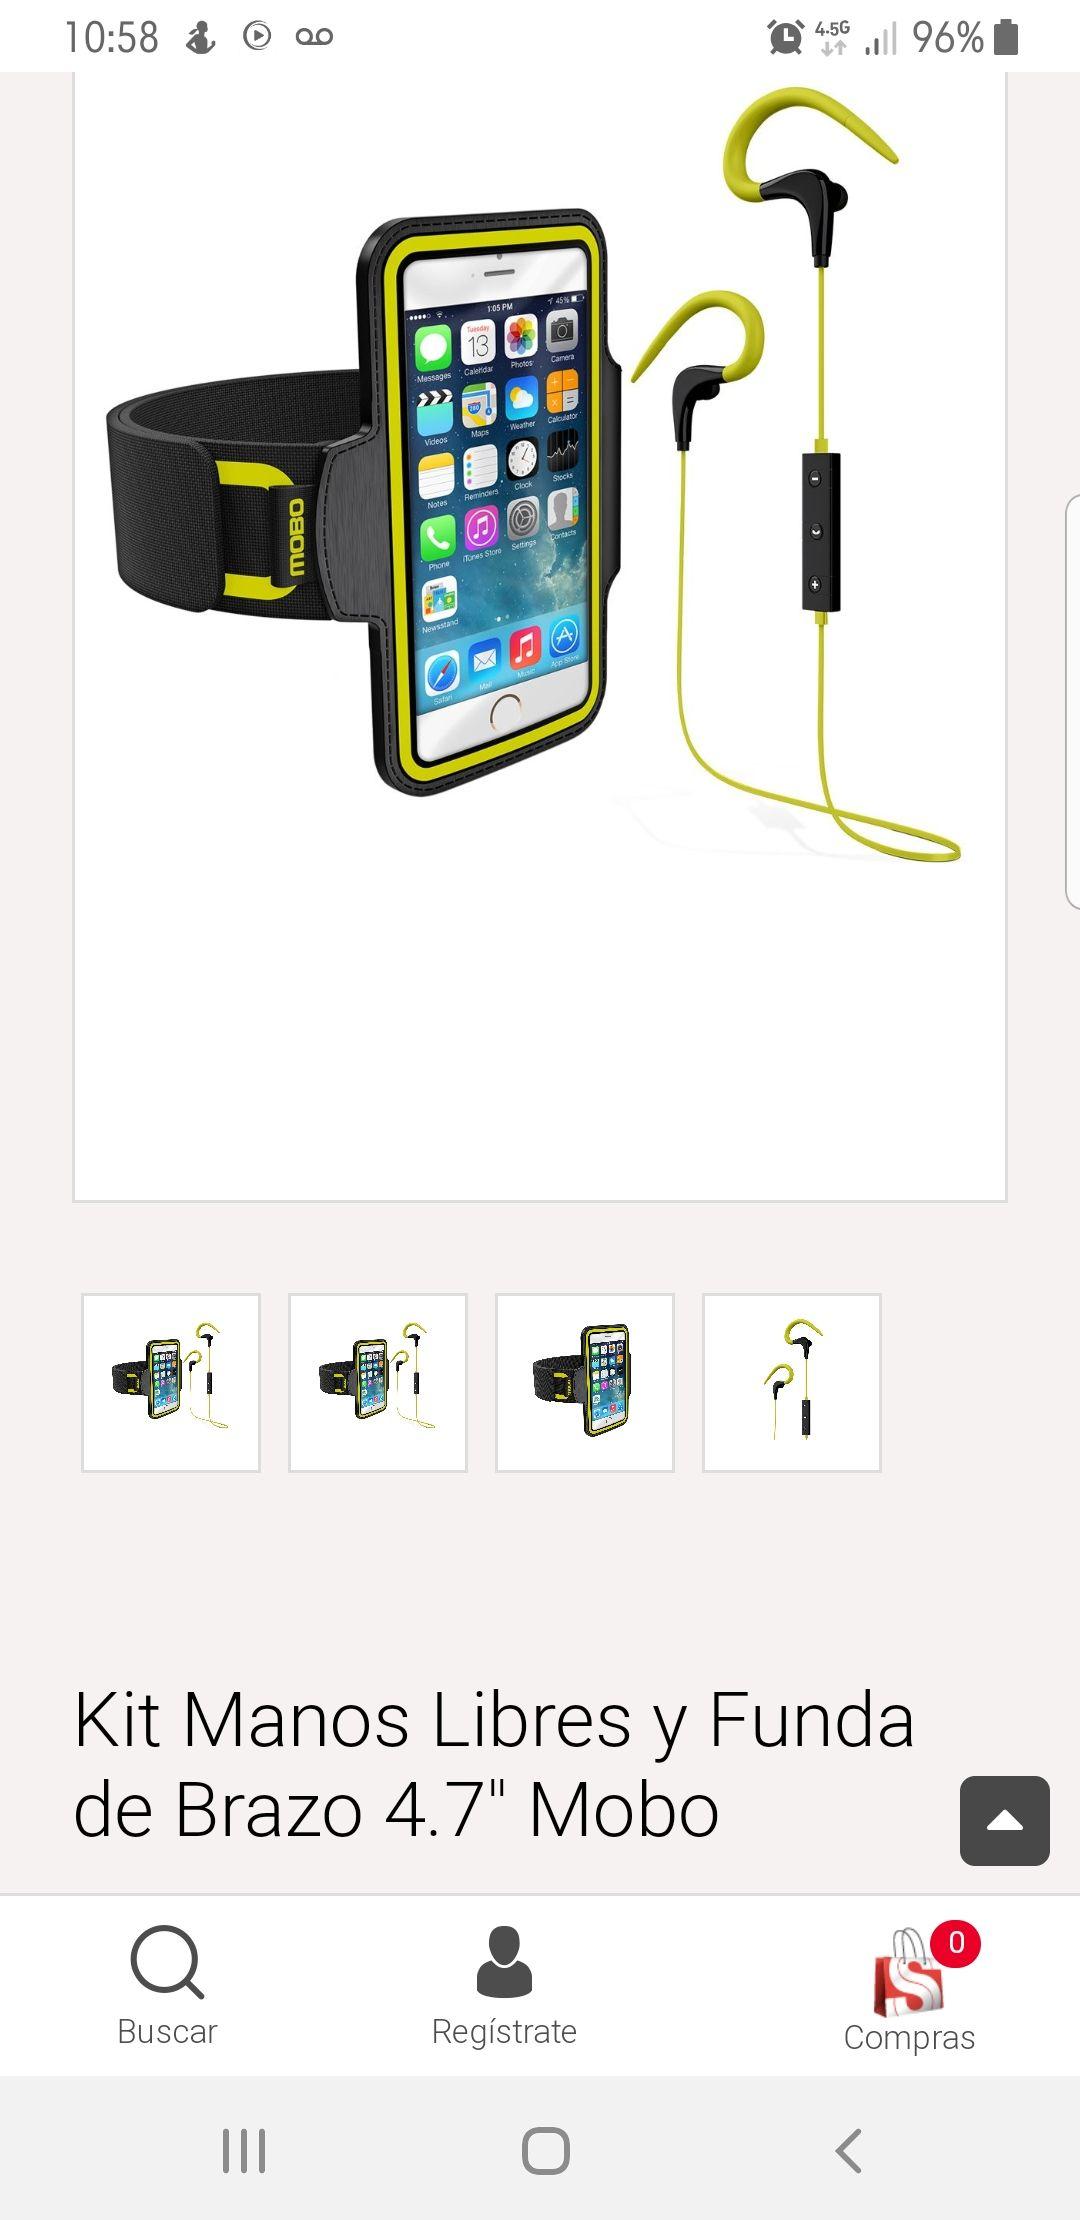 """Sears: Kit Manos Libres bluetooth y Funda de Brazo 4.7"""" Mobo de $499 a $205"""